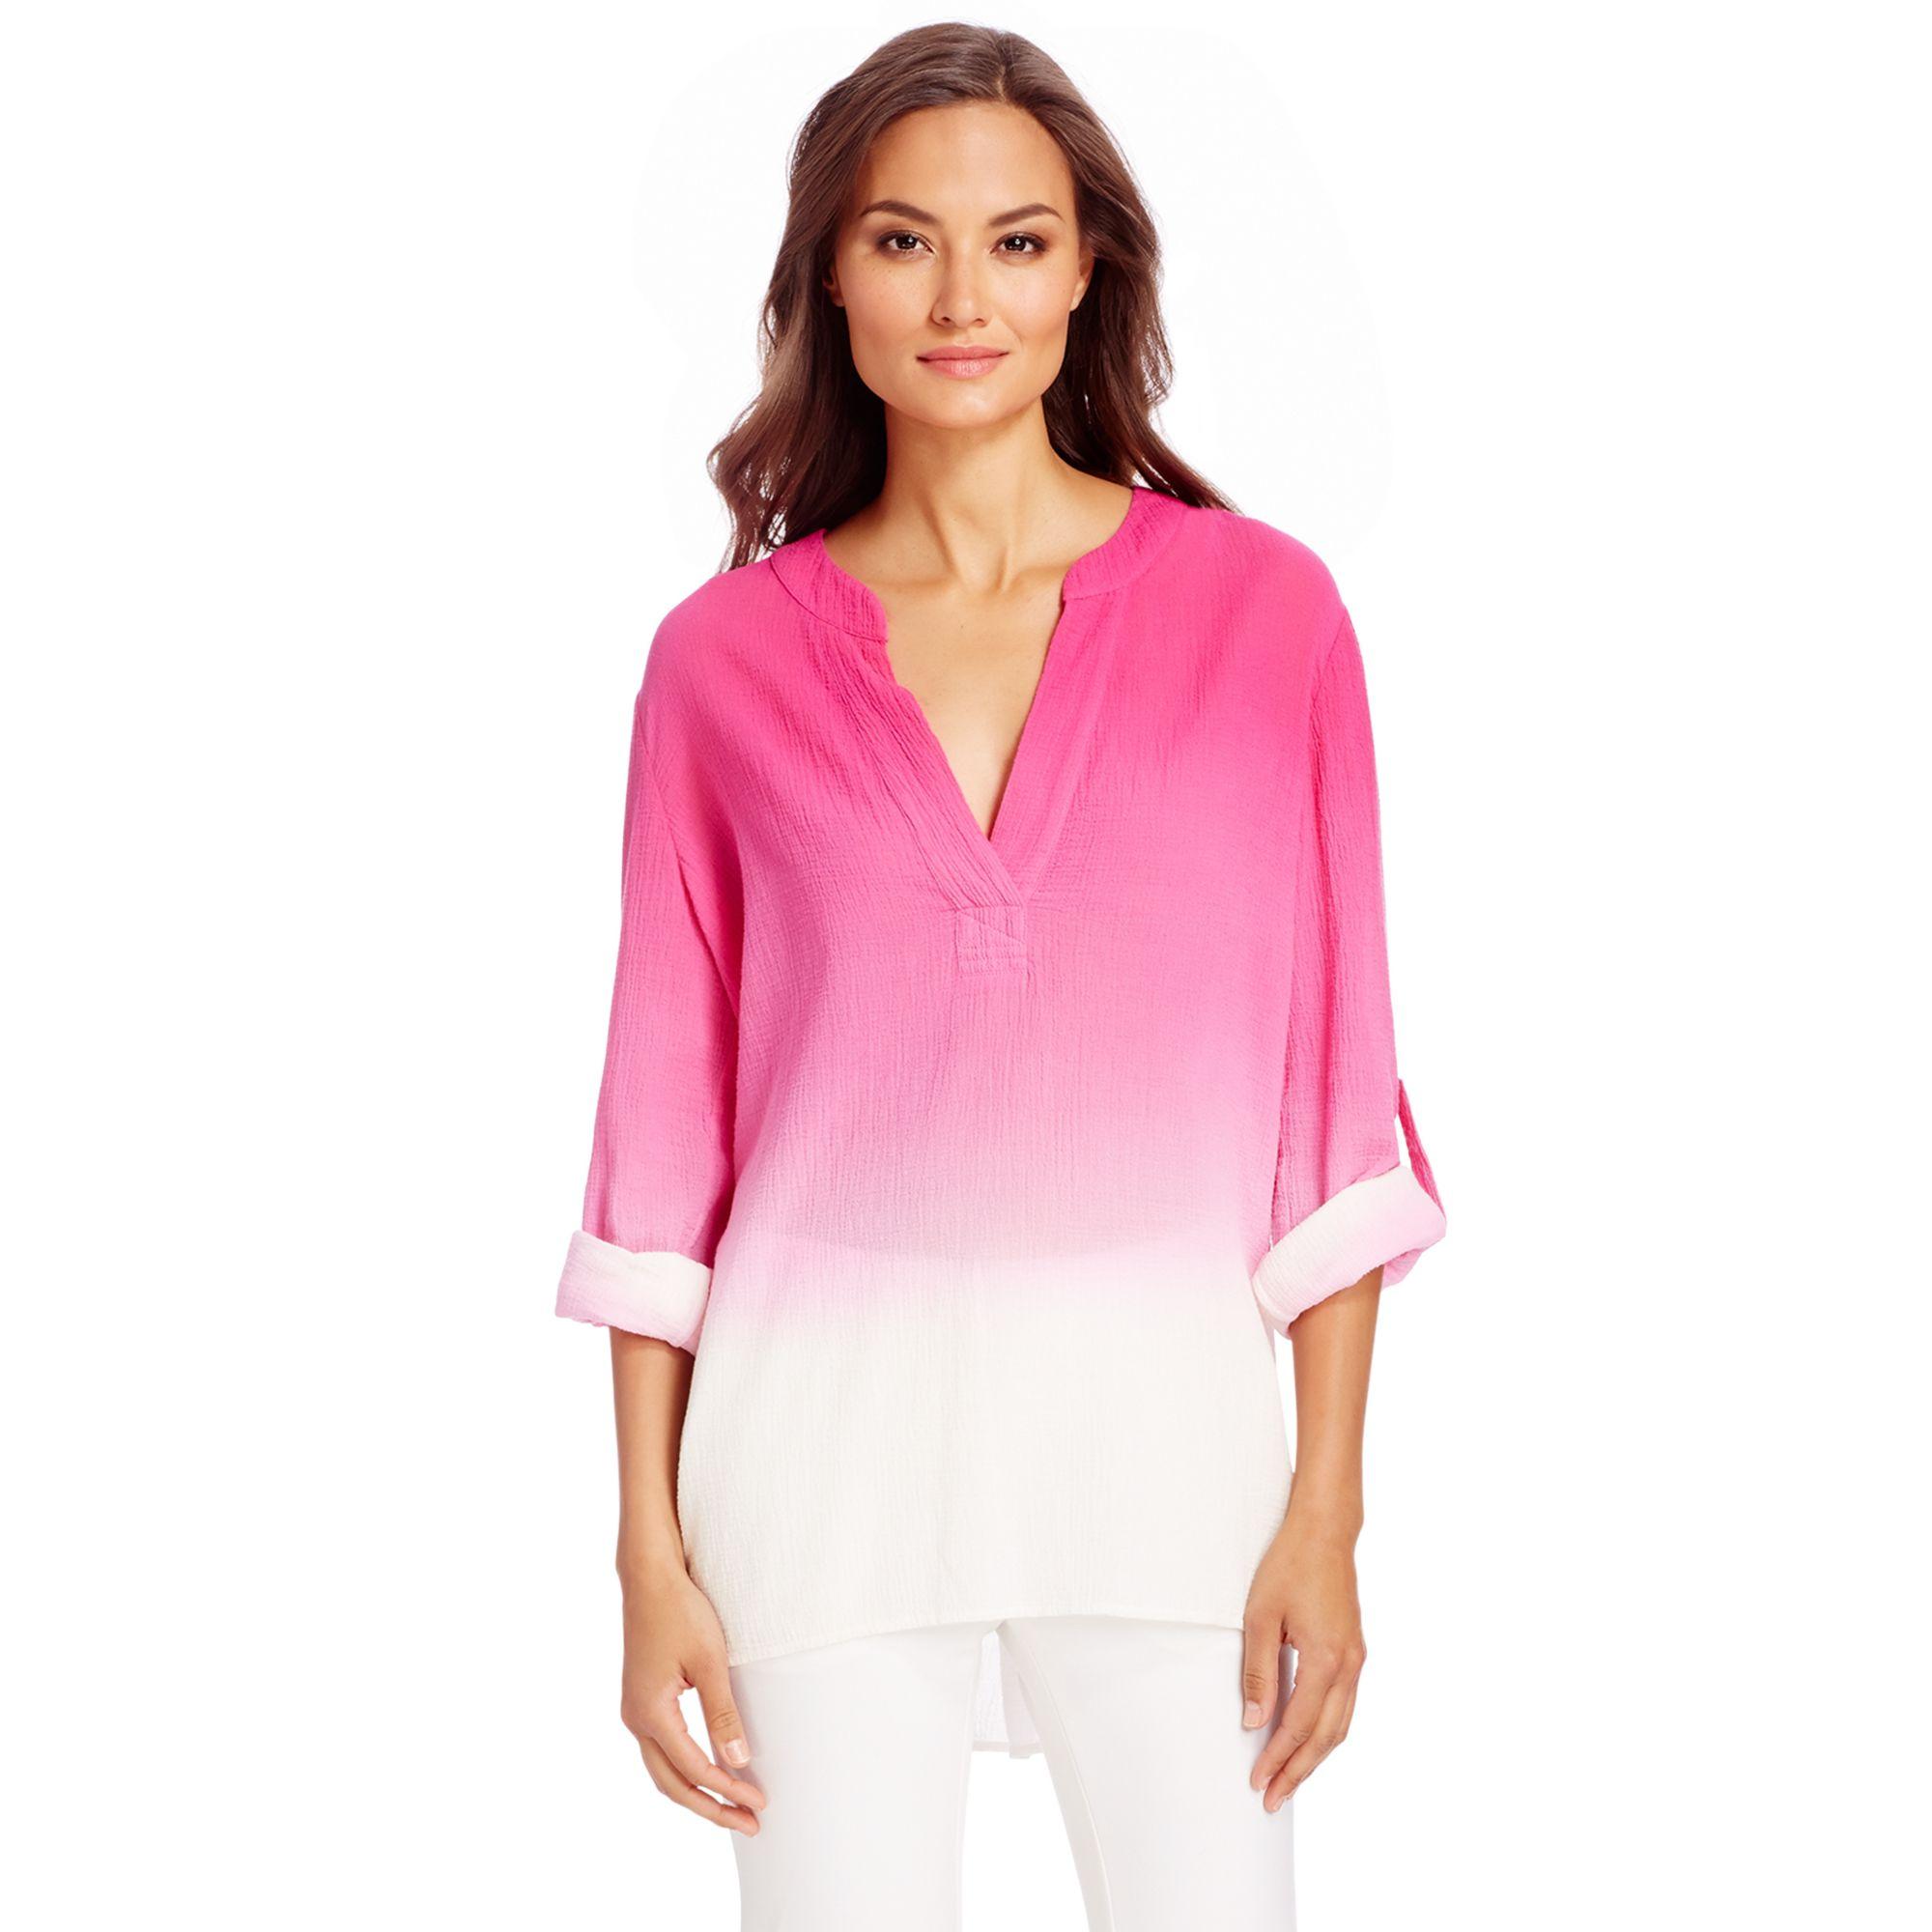 913431a515b8b9 Diane von Furstenberg Dvf Esti Ombre Cotton Blouse in Pink - Lyst